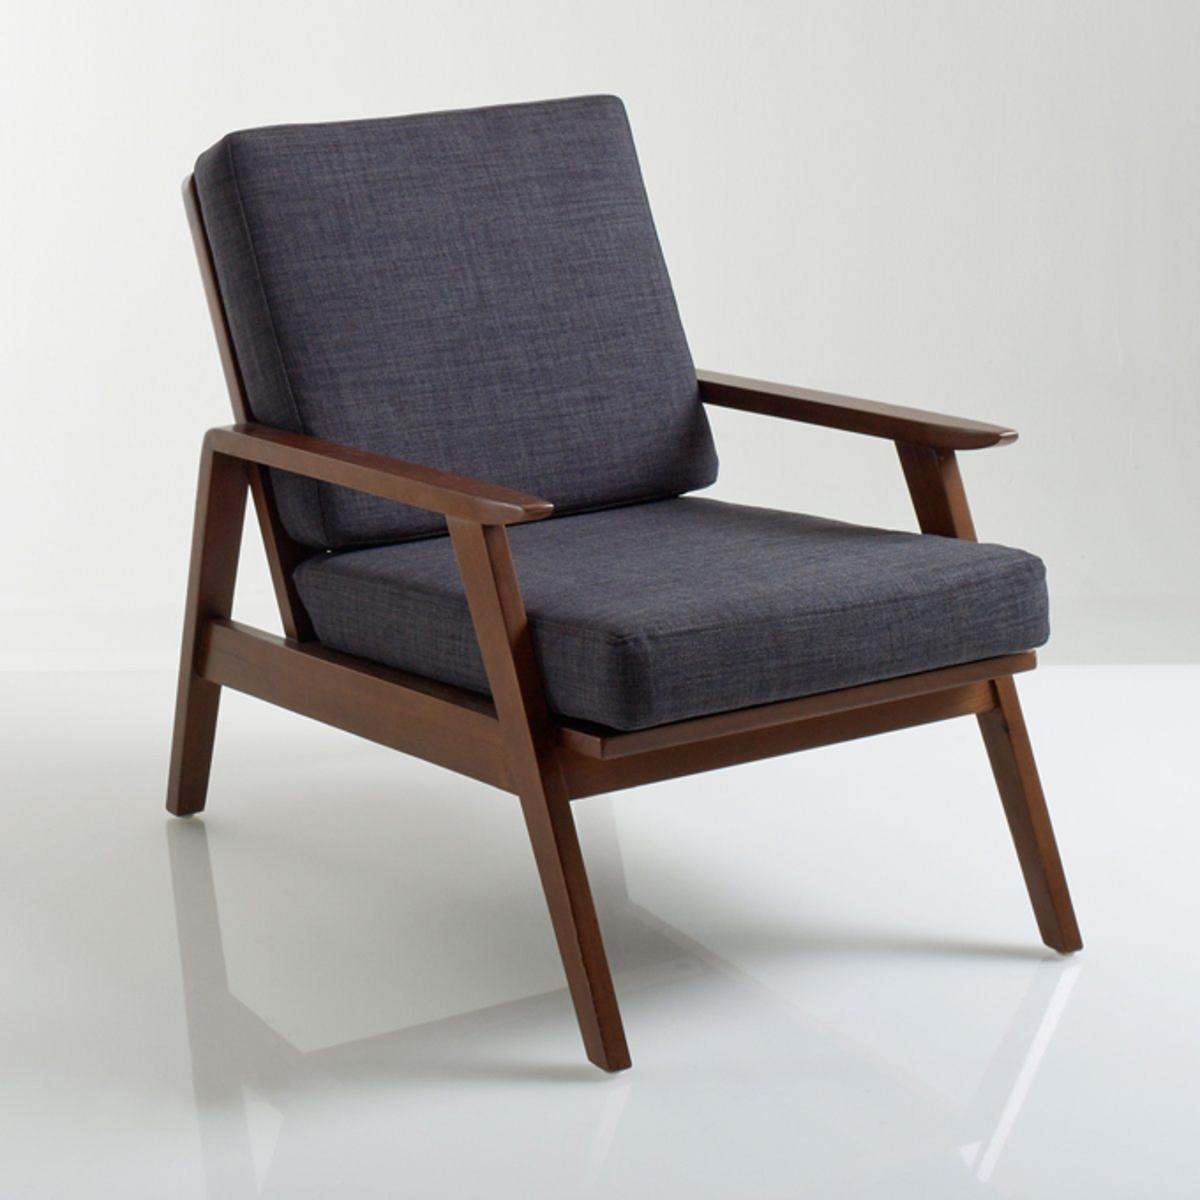 Кресло в винтажном стиле WATFORD кресло низкое и широкое в винтажном стиле из велюра с бахромой ramona